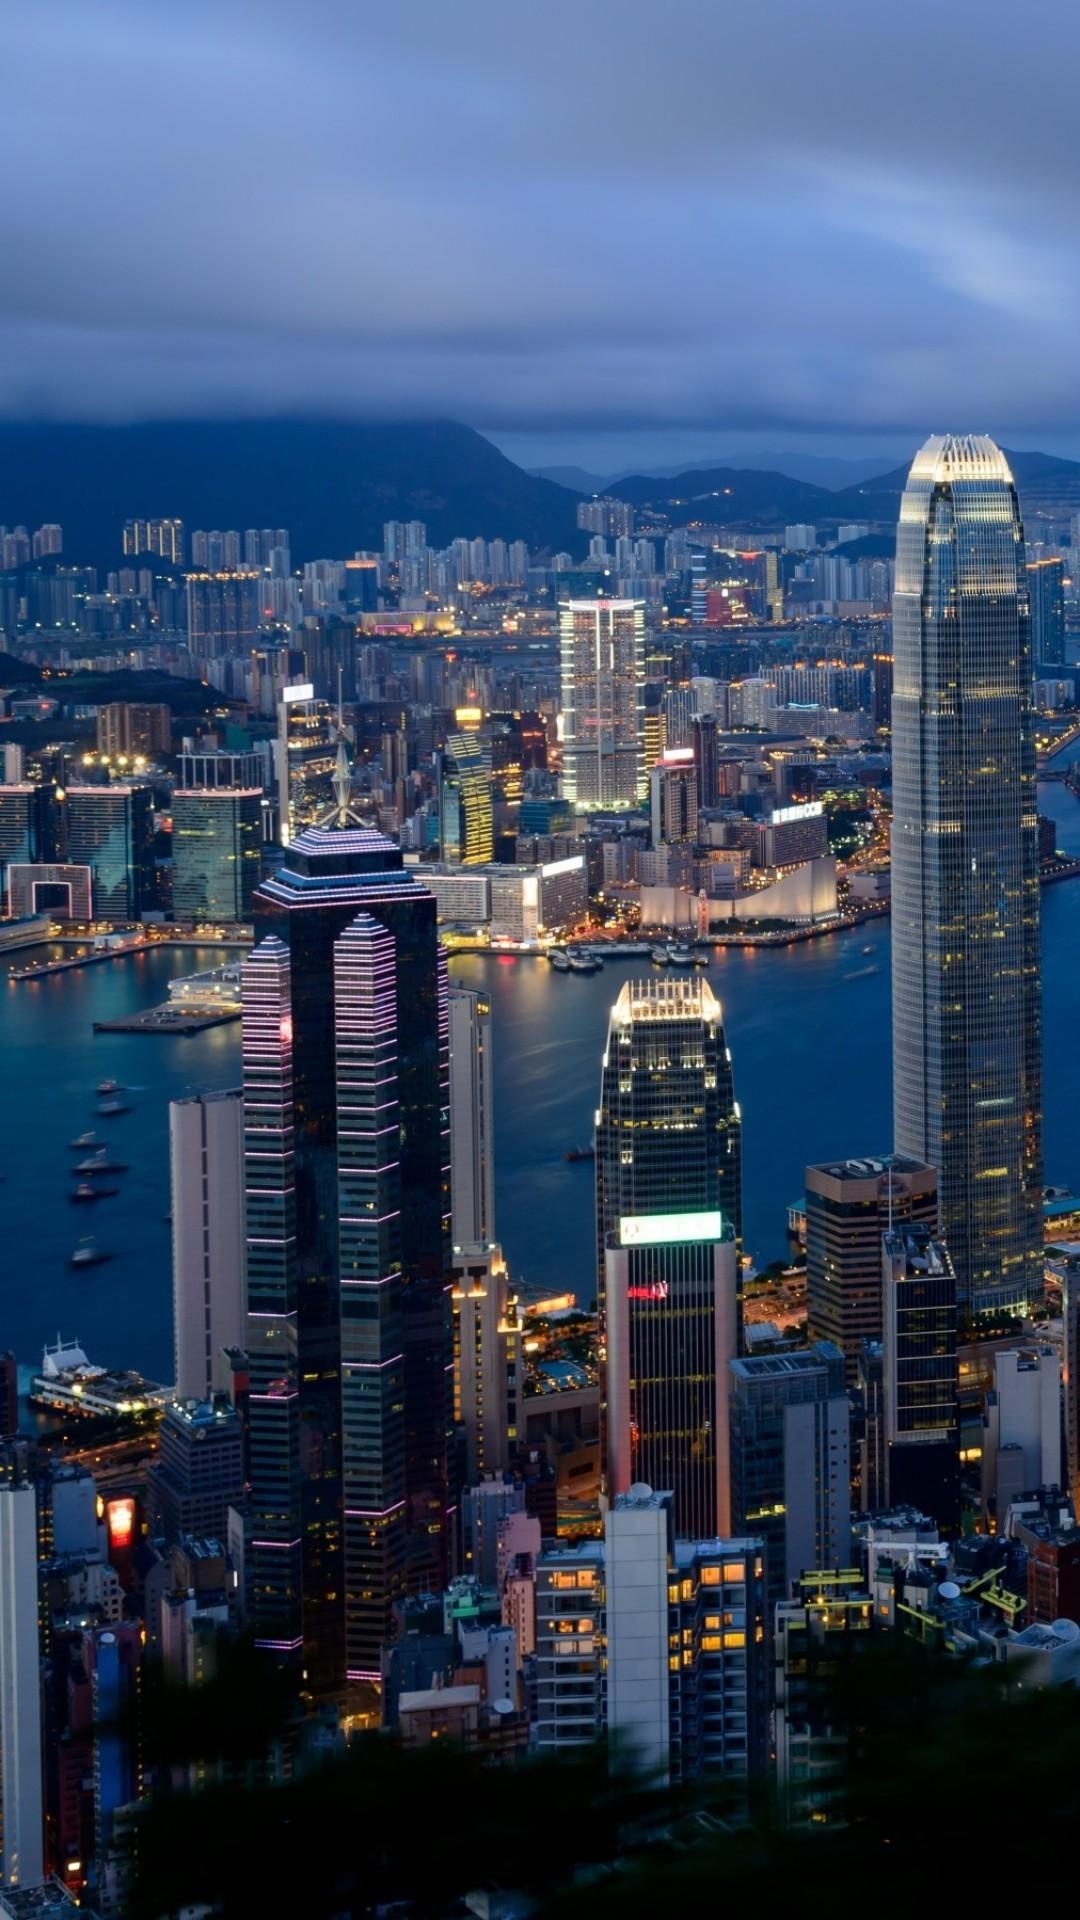 The Best Hong Kong Wallpaper Vertical Background